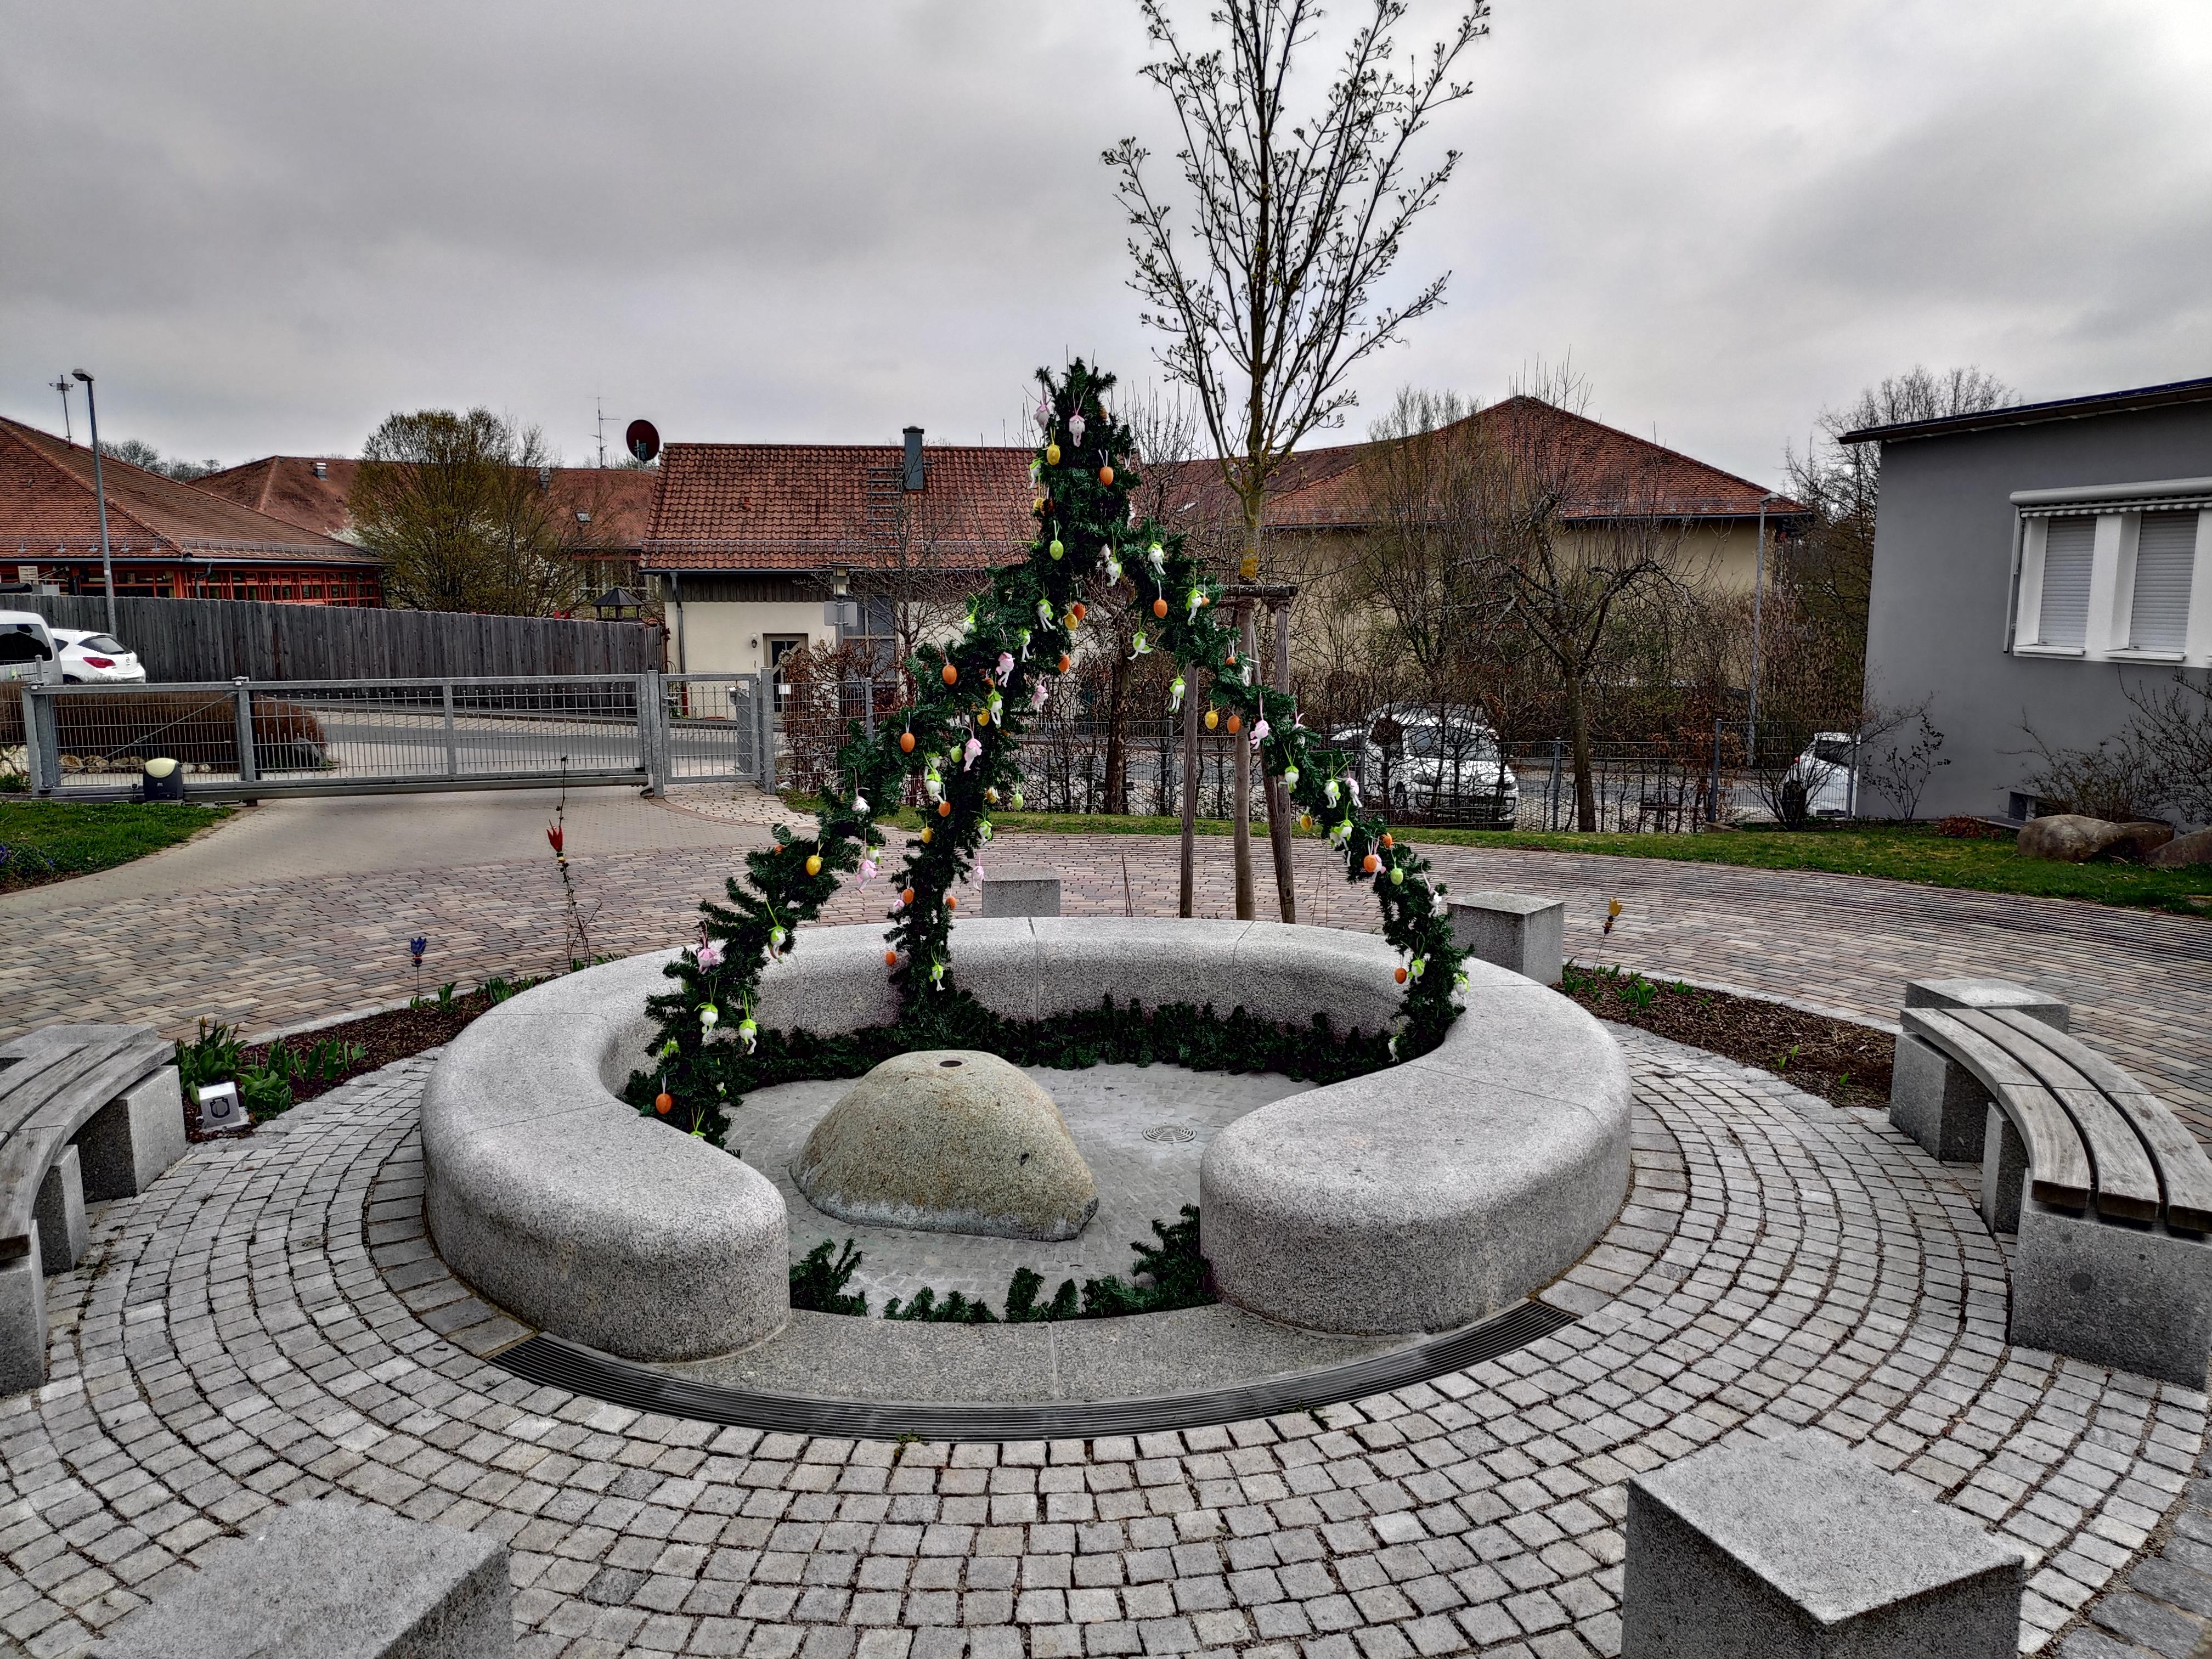 Wahrlich eine AugenwEIde: Der Osterbrunnen im Eingangsbereich des Betreuungszentrums am Haberloh in Lauf feiert Premiere. Künftig wollen Bewohner ihren Brunnen an Ostern festlich schmücken.